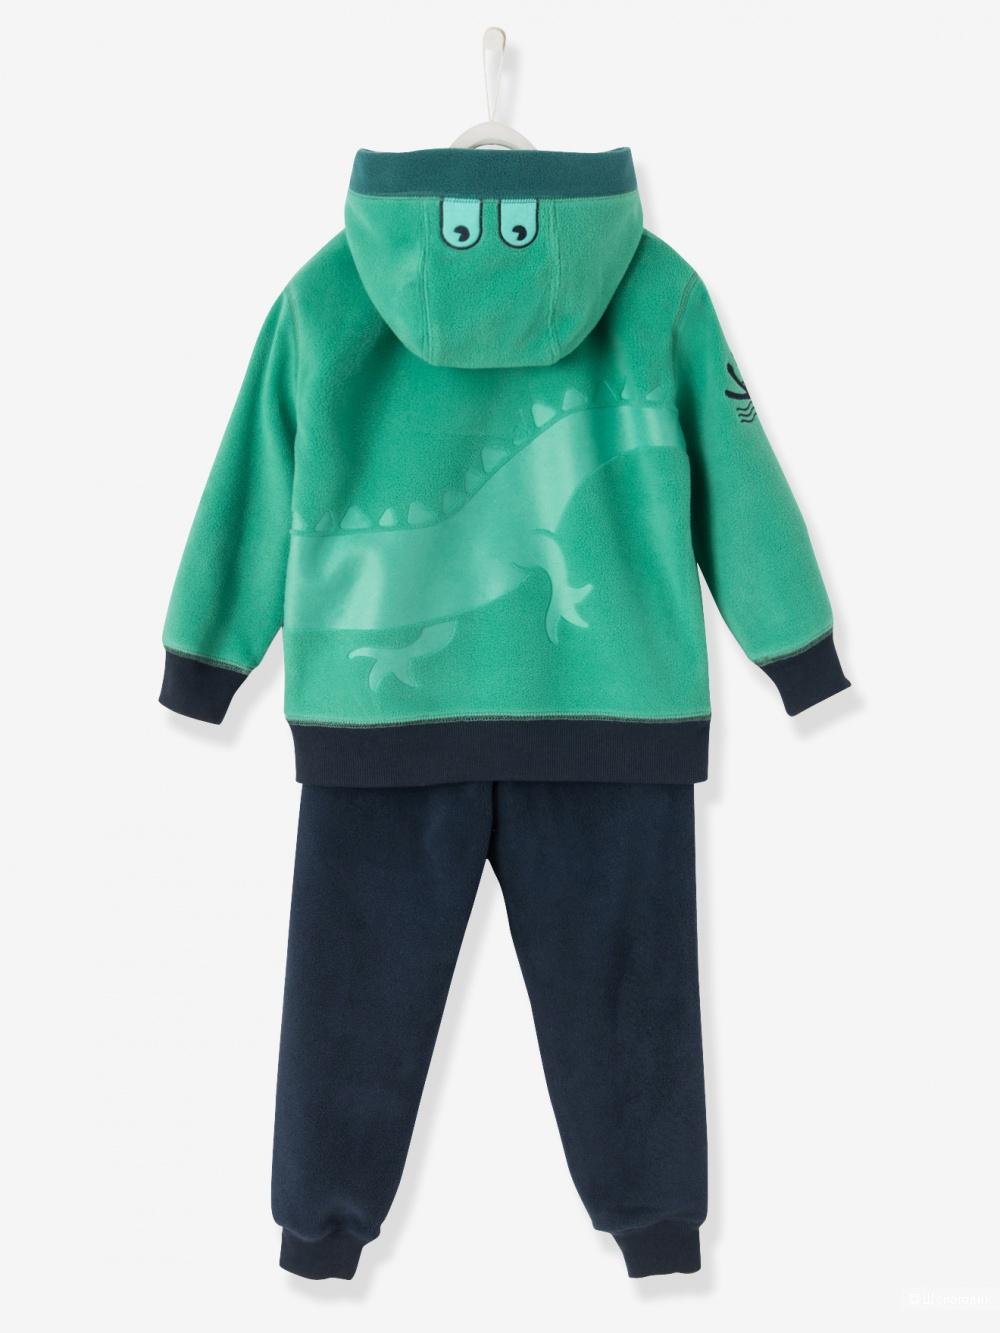 Новый костюм Vertbaudet на 3 года